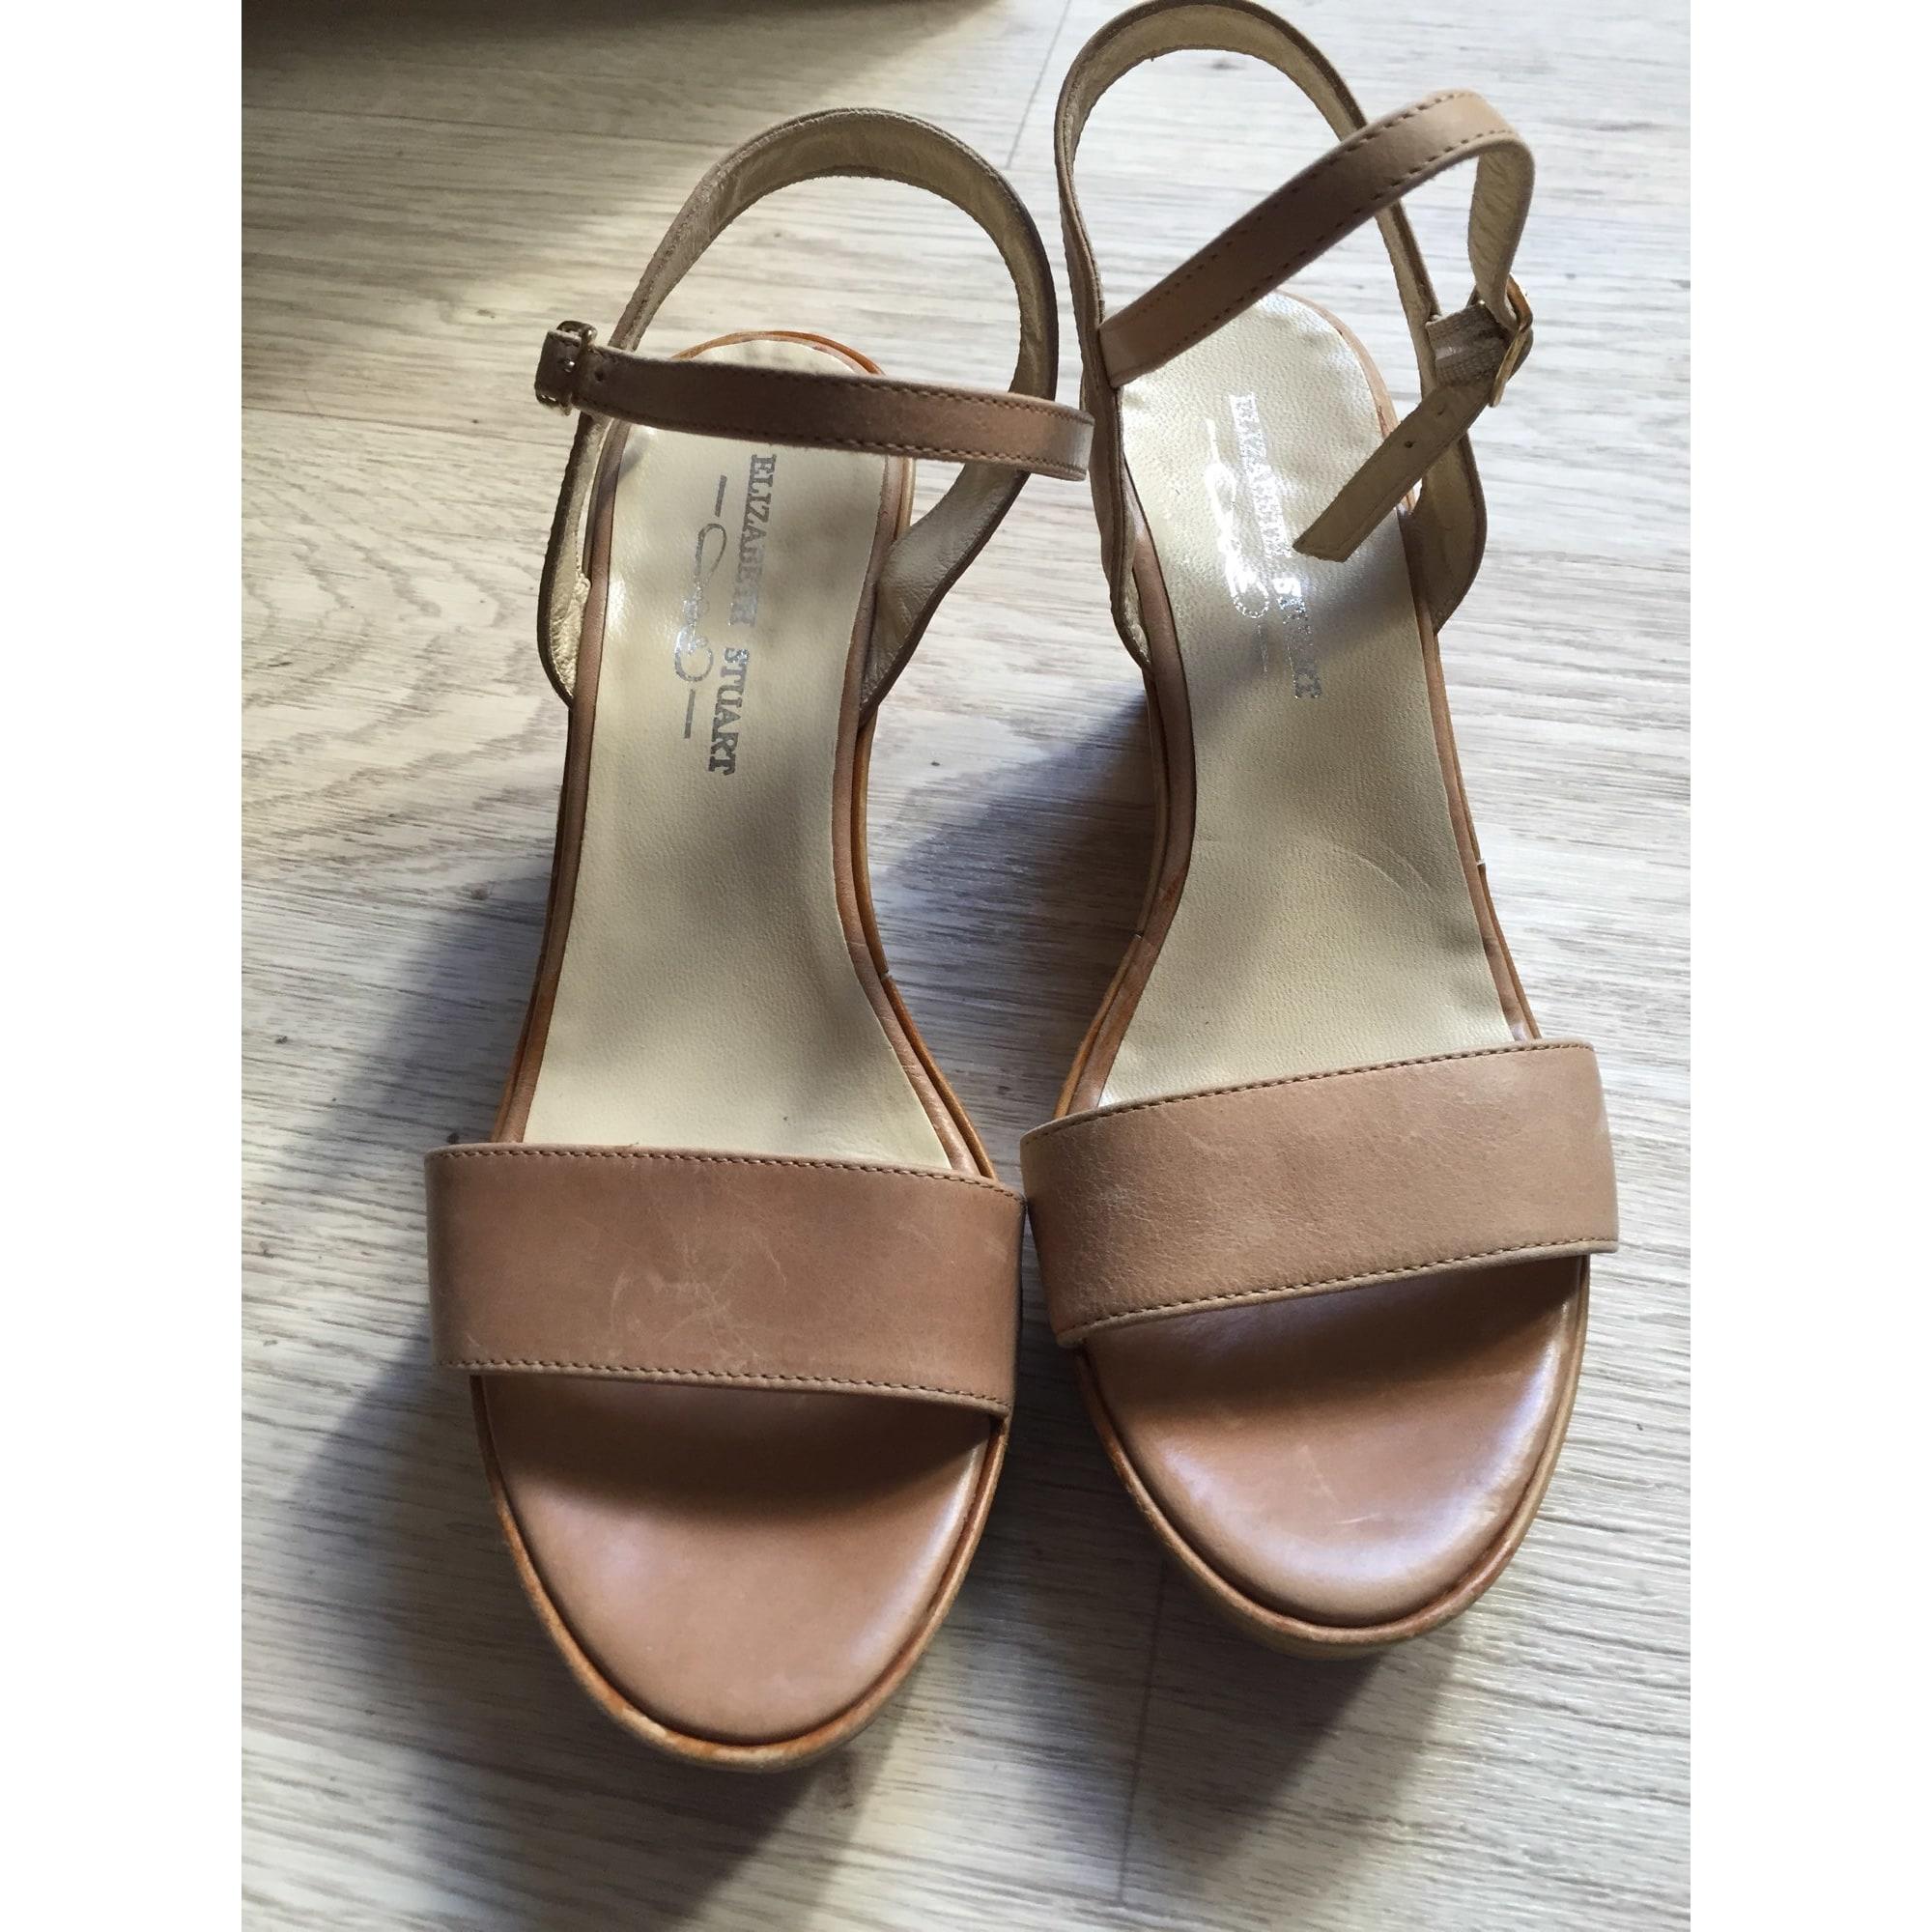 Sandales 36 Elizabeth Stuart Beige Compensées 4024138 OukXZiPT